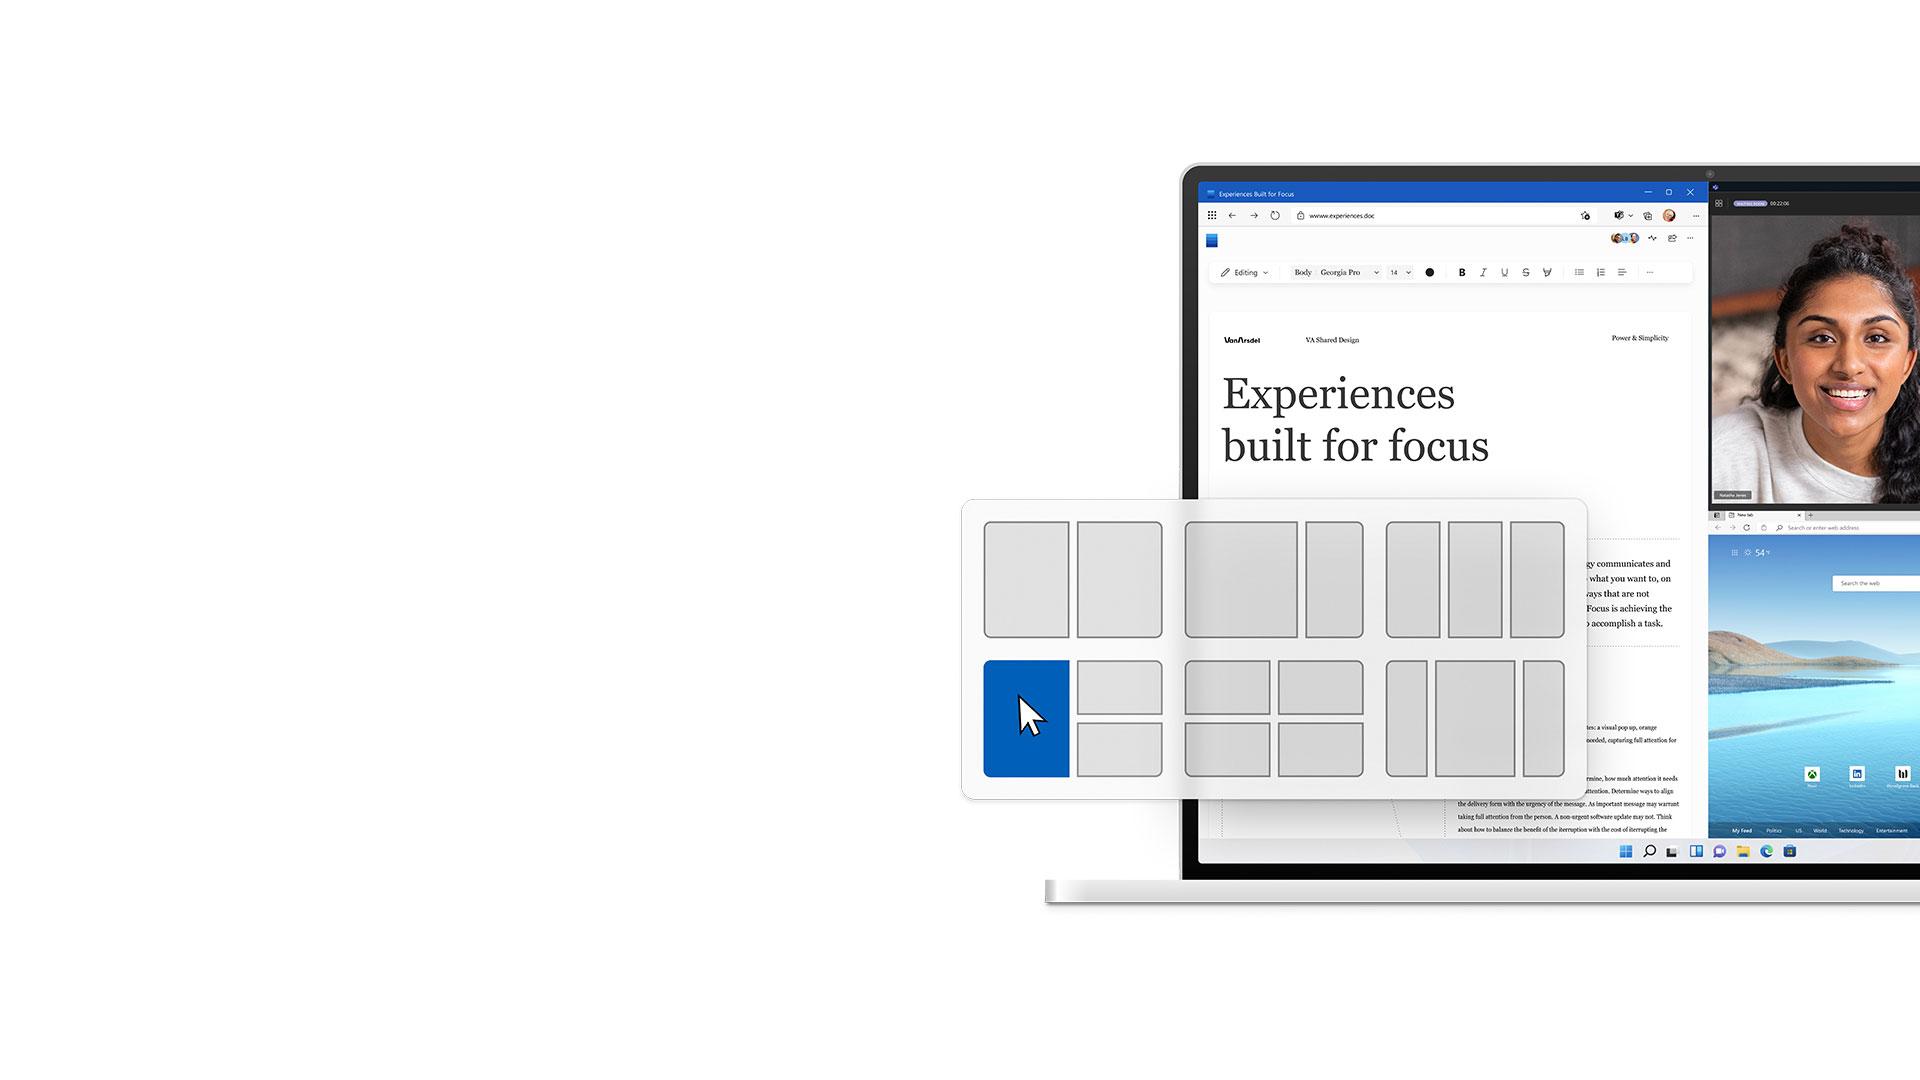 Windows 11 貼齊功能在一個畫面顯示三個應用程式